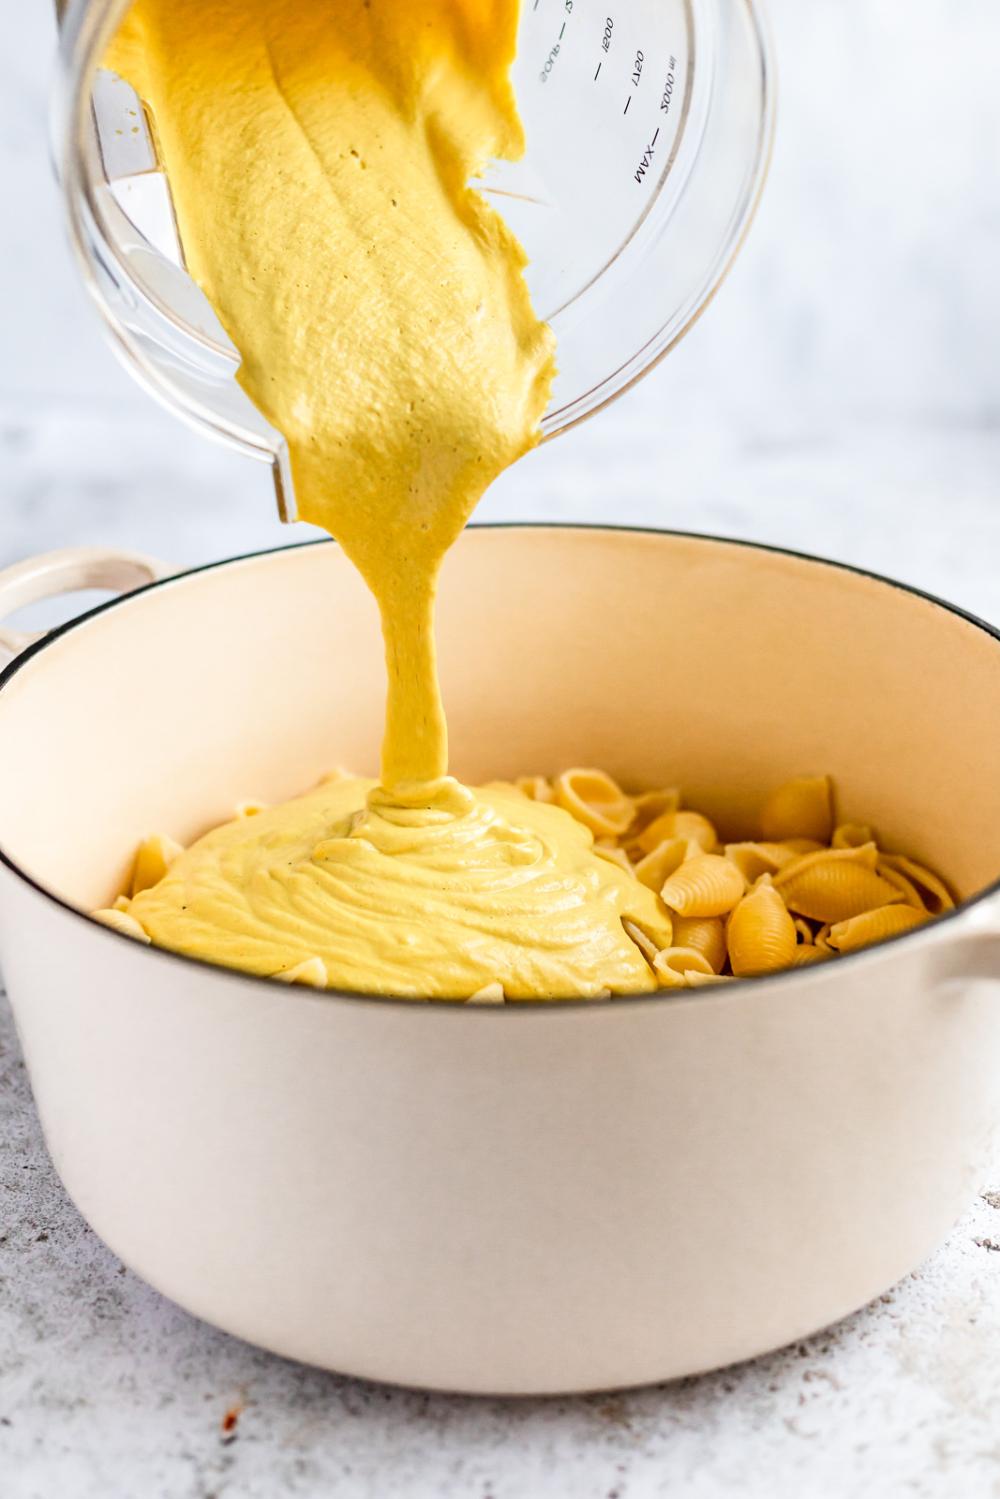 How To Make Vegan Cashew Cheese Sauce Ambitious Kitchen Recipe In 2020 Vegan Cashew Cheese Vegan Cheese Sauce Recipe Cashew Cheese Sauce